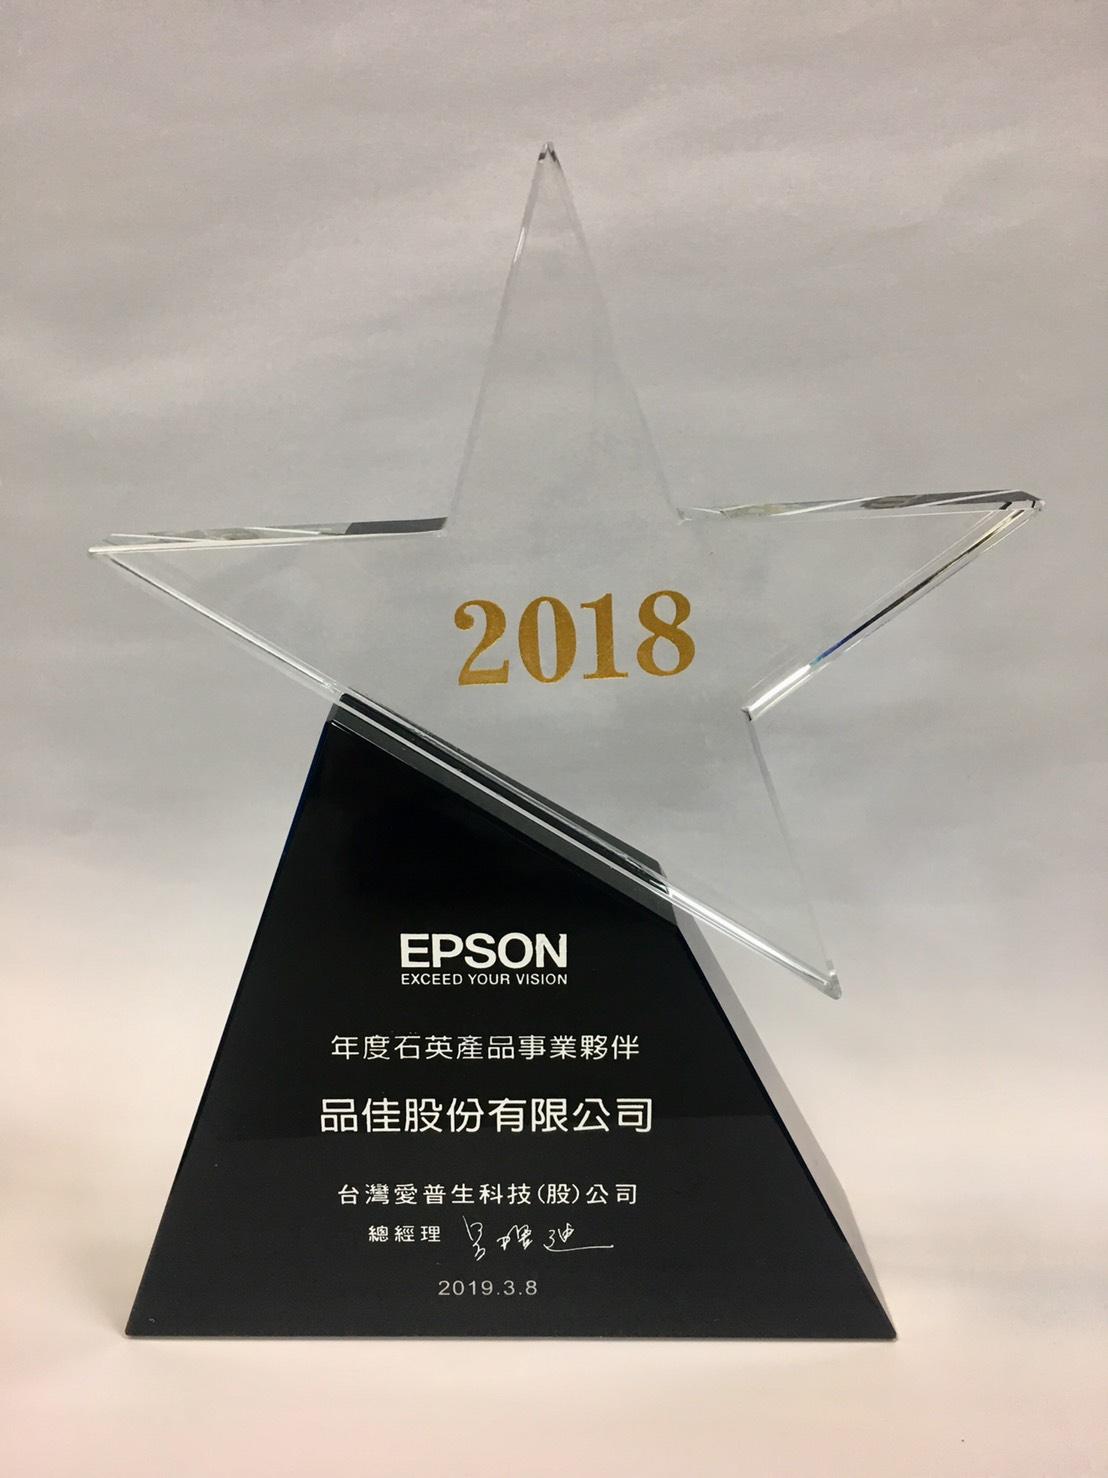 2018年度石英產品事業夥伴